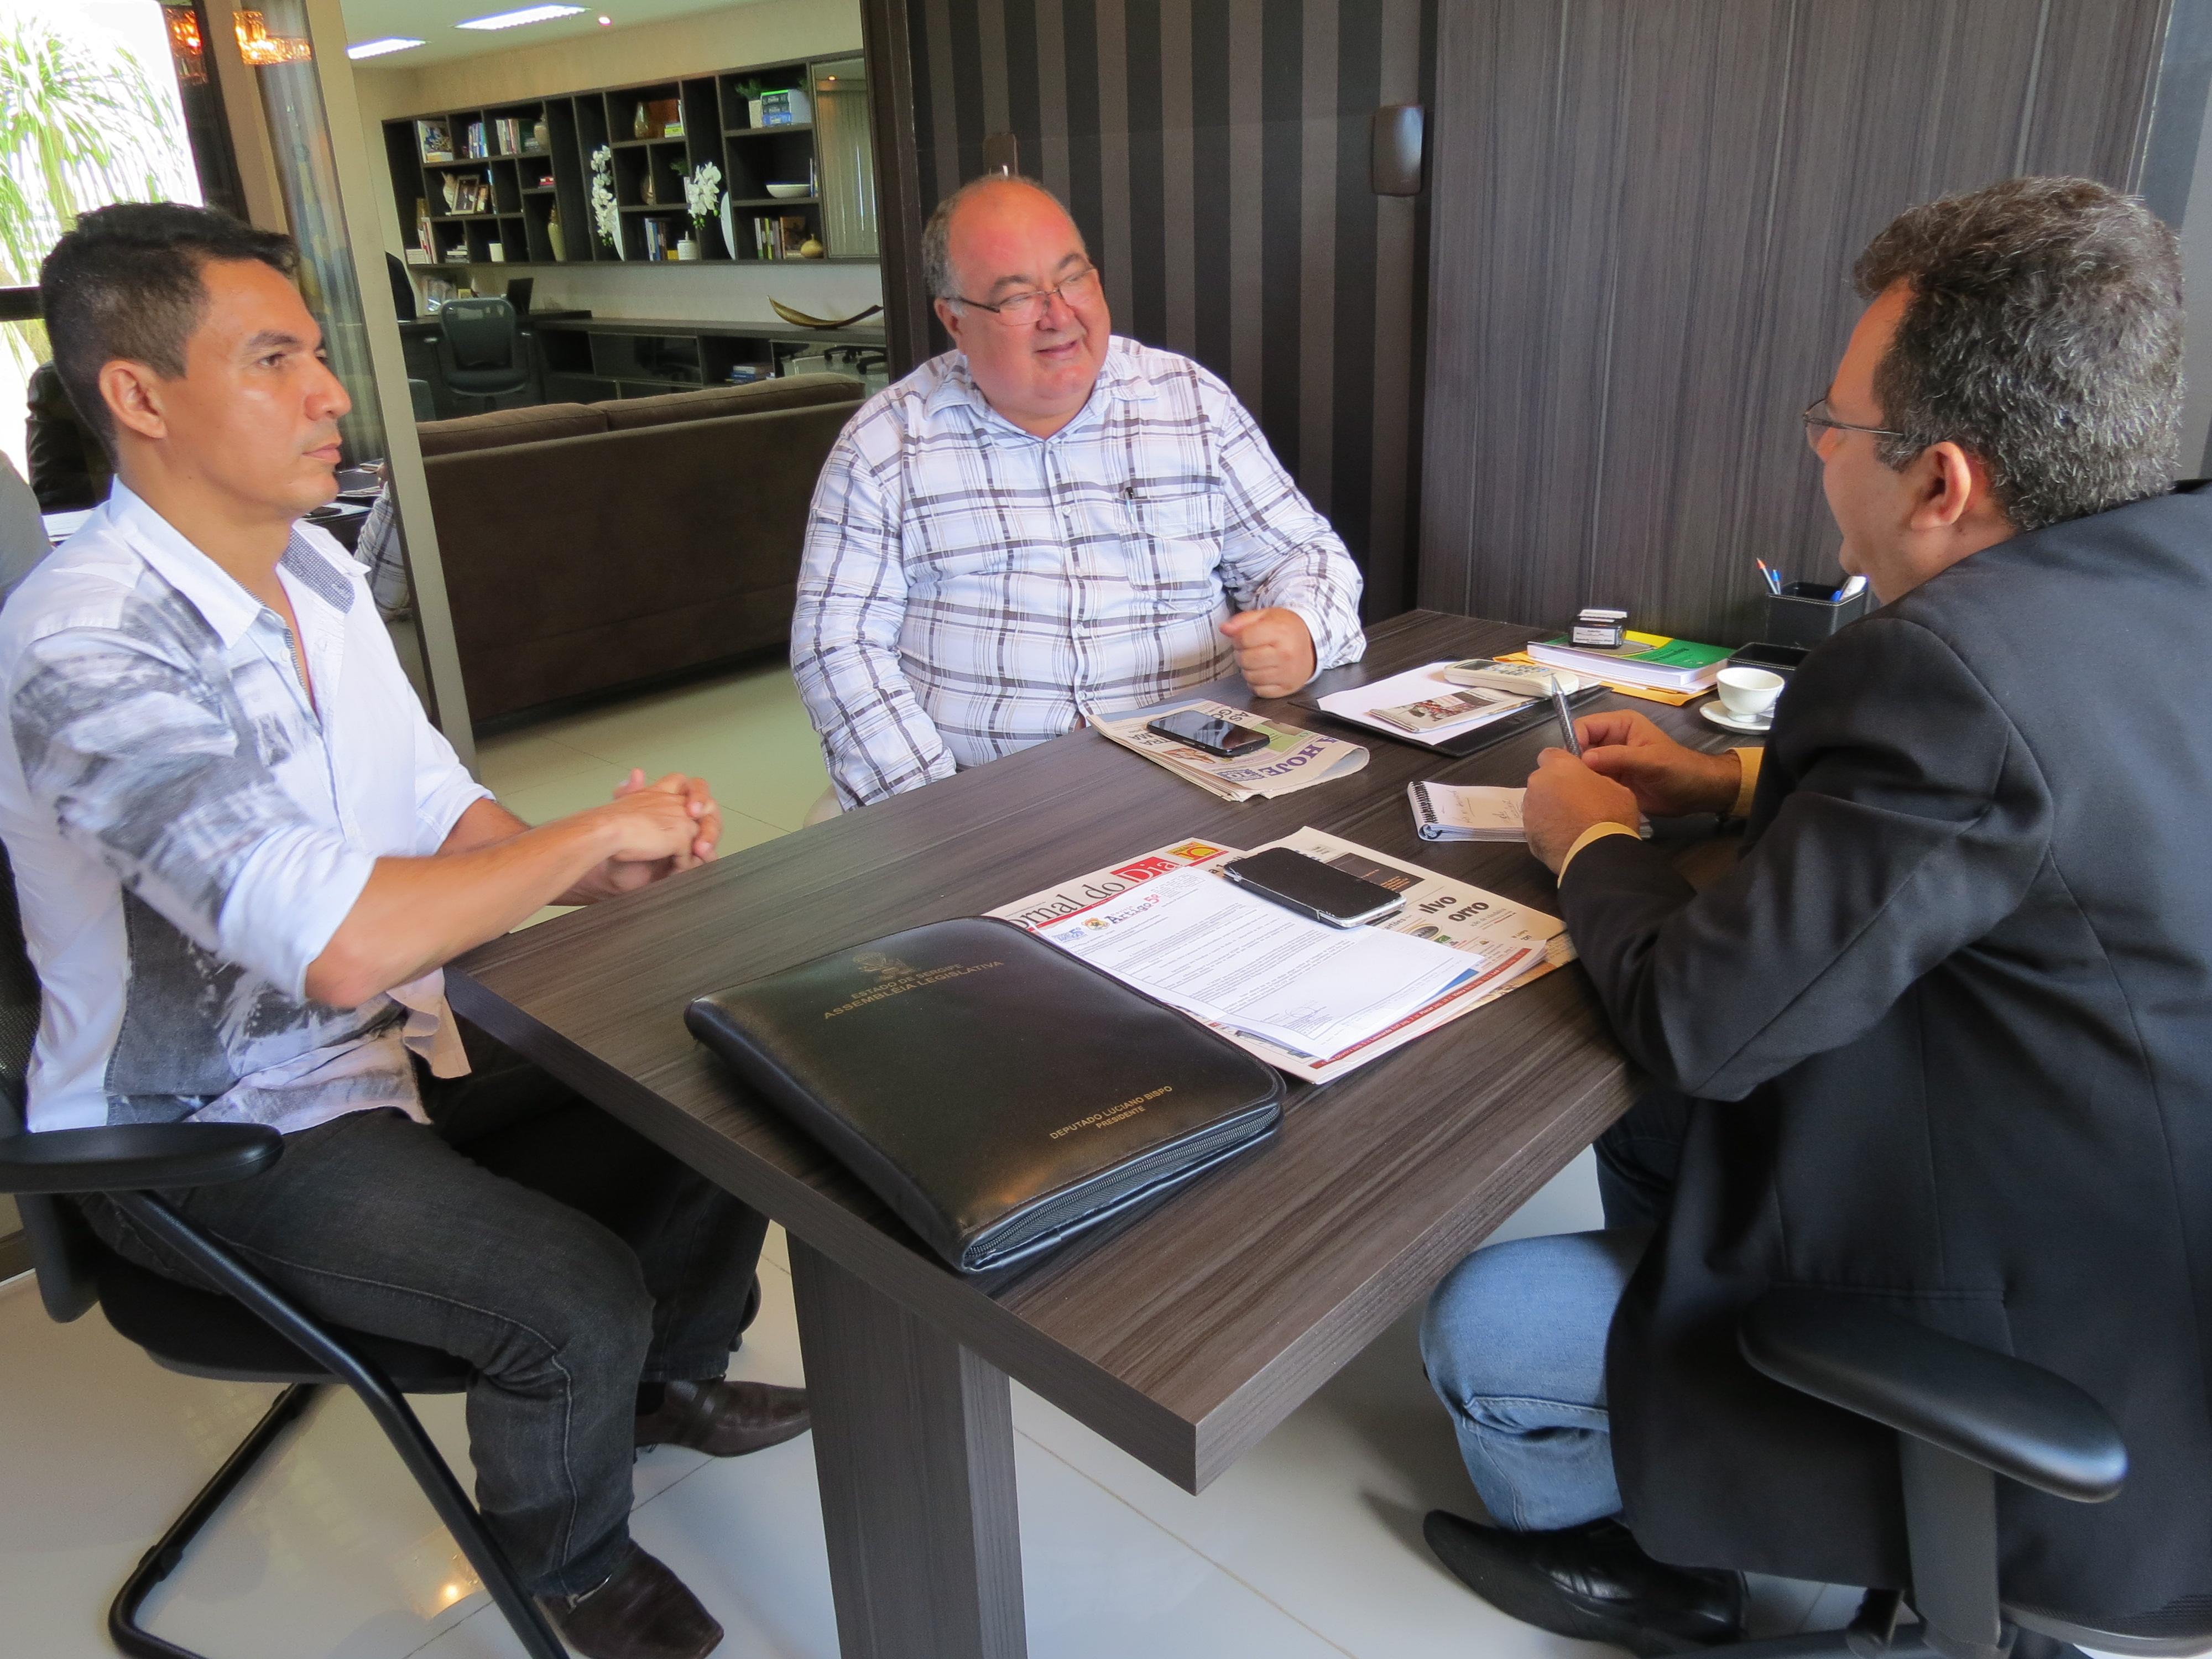 Sindicato dos Radialistas de Sergipe faz visita de cortesia ao diretor de comunicação da Alese